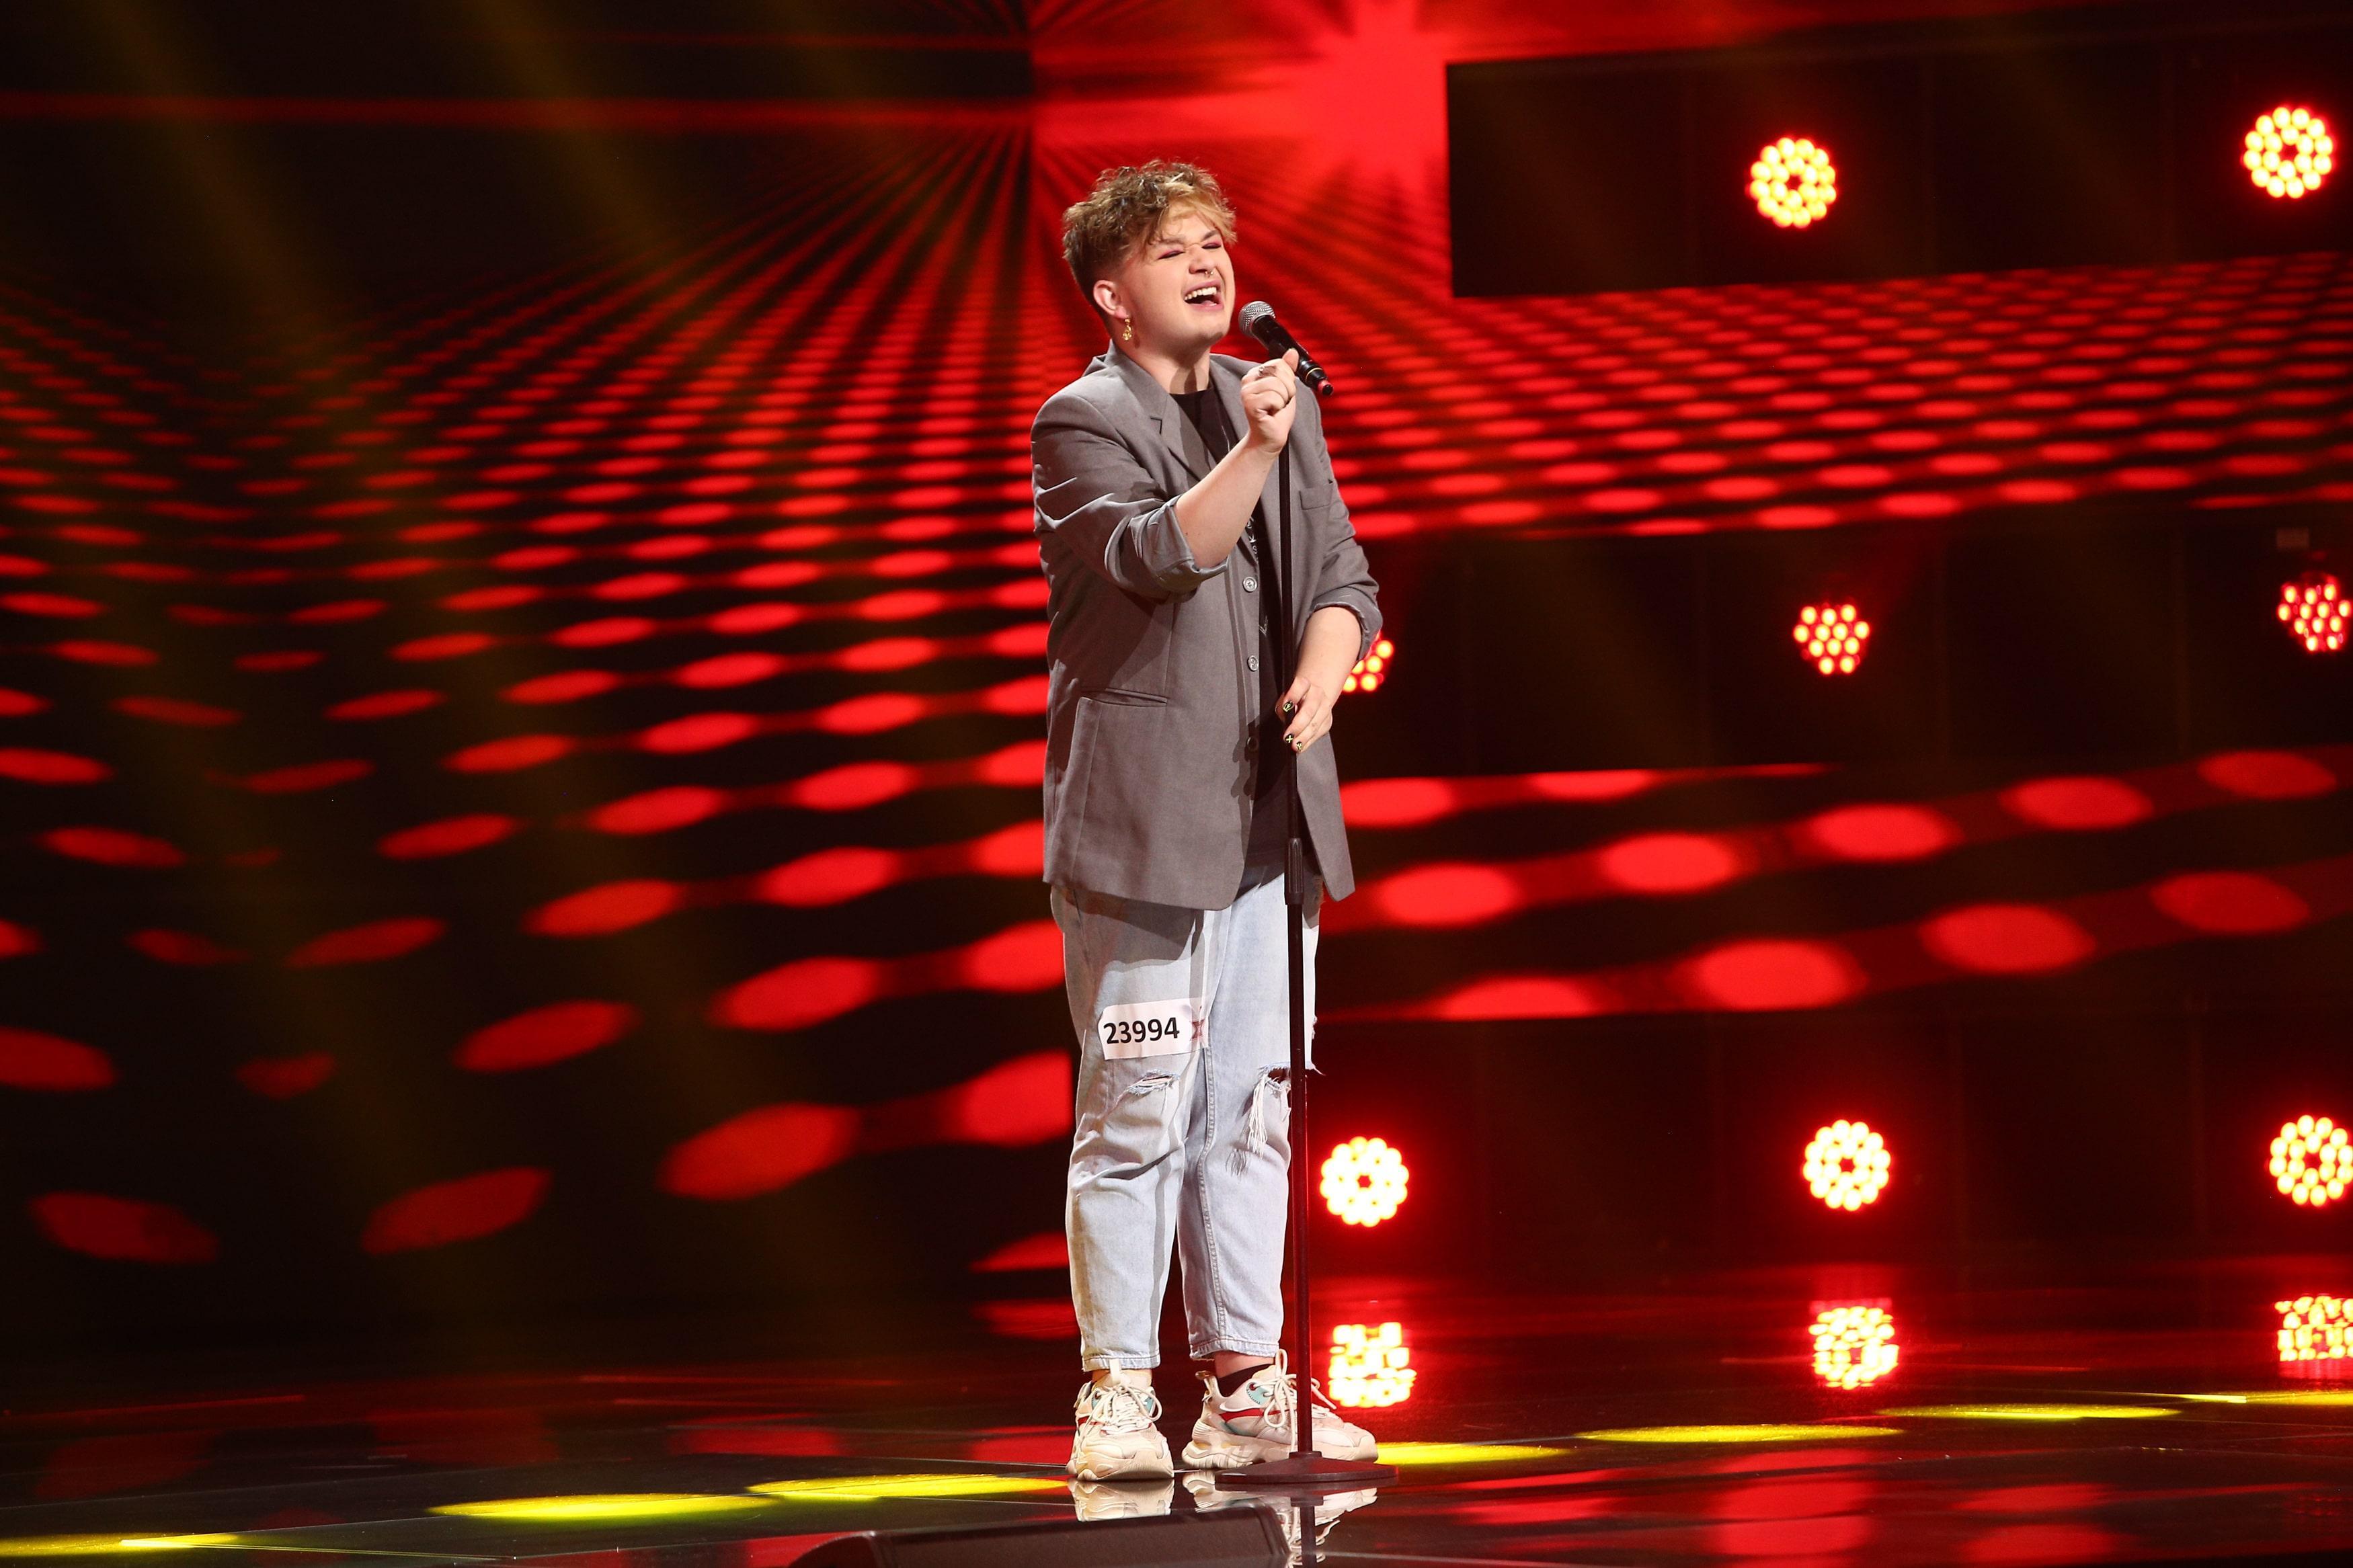 X Factor 2021, 6 septembrie. Ionuț Hanțig a impresionat cu vocea și look-ul său excentric. A cântat Proud May de la Tina Turner